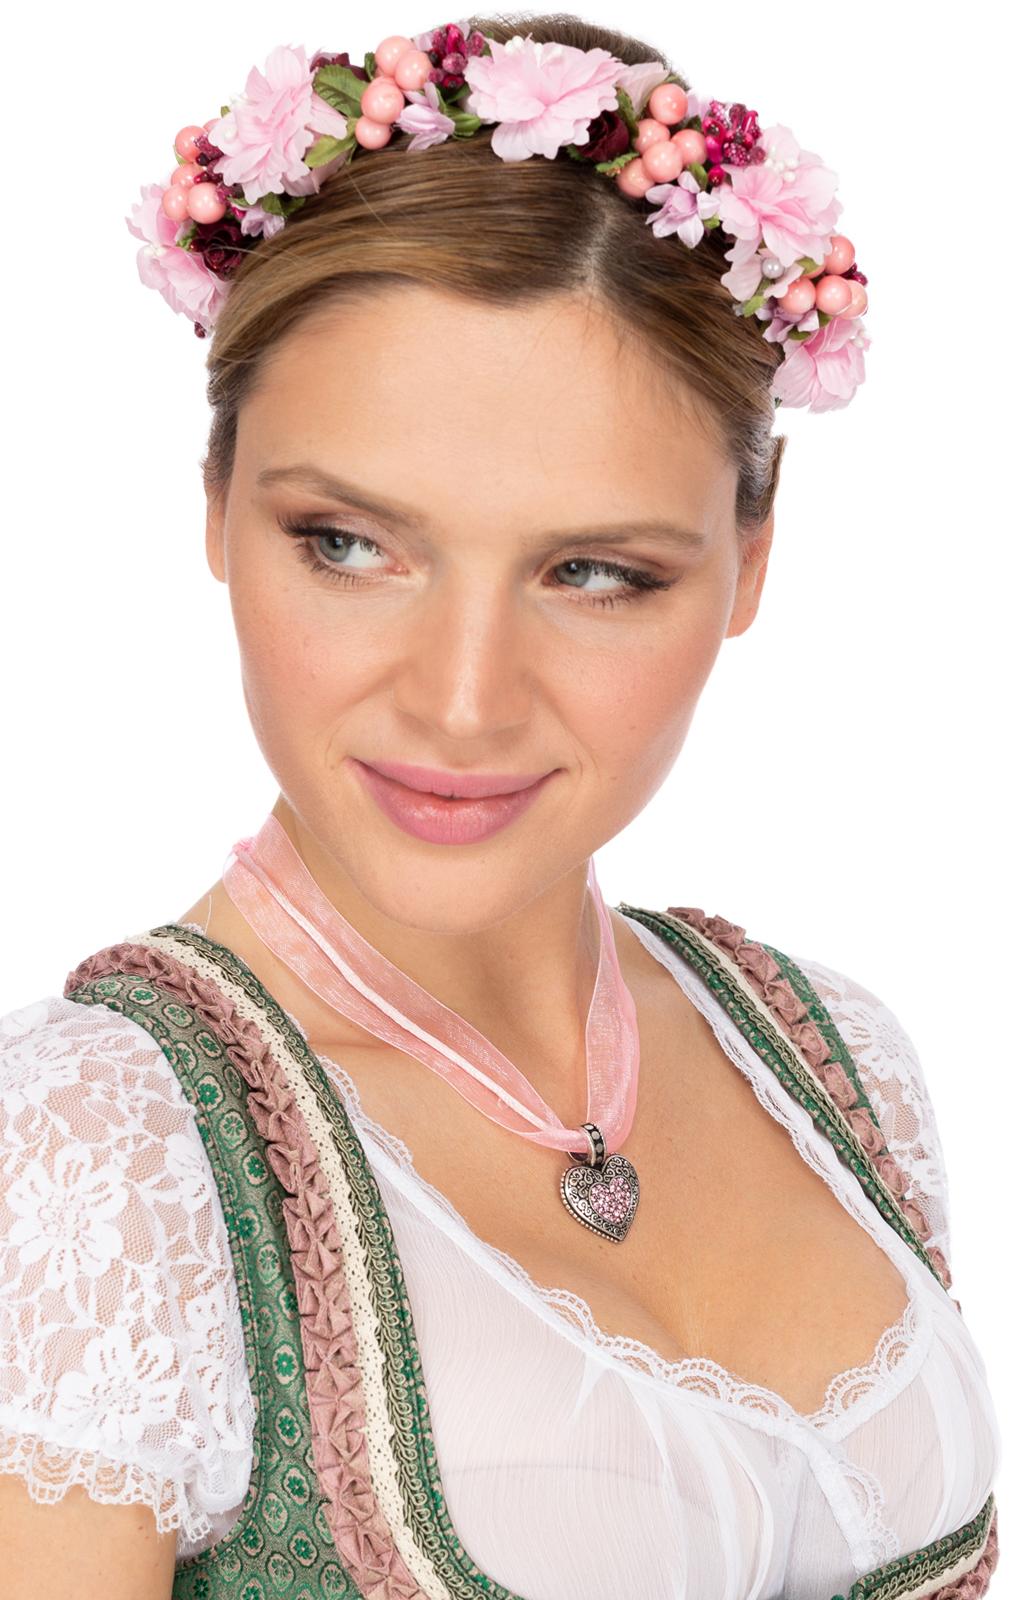 weitere Bilder von Haar- und Hutkranz SOPHIA 1014 rosa